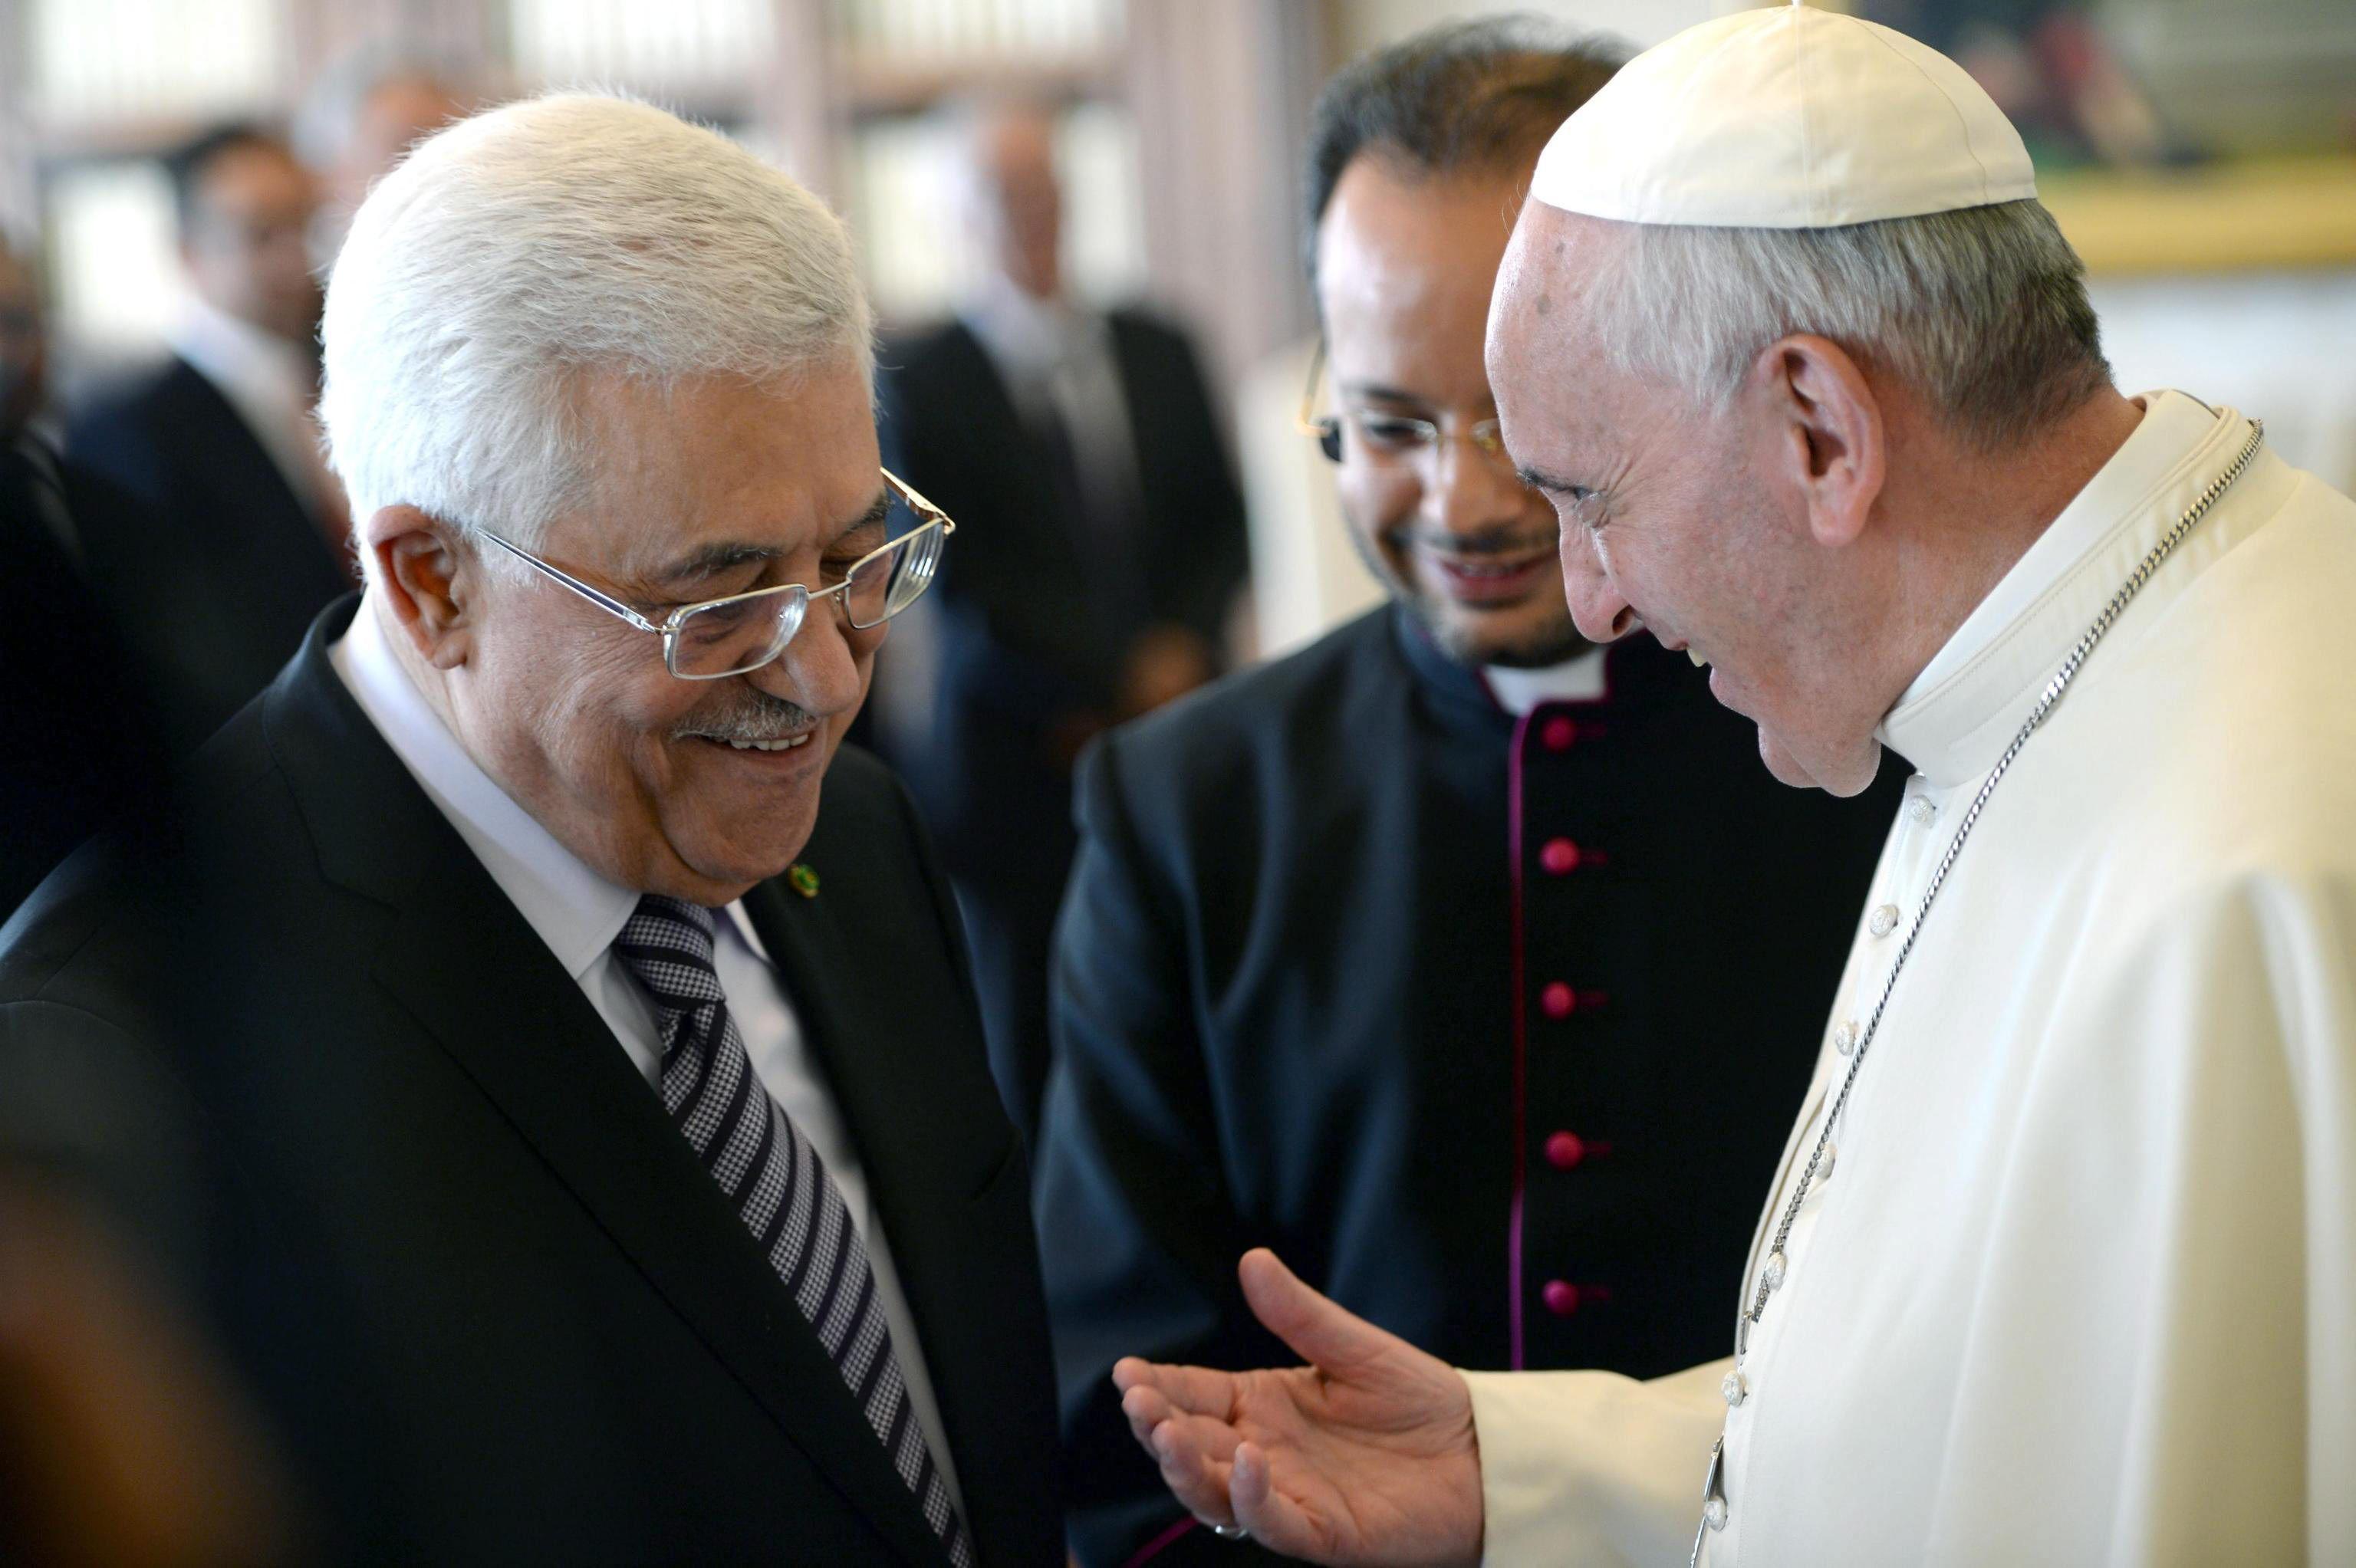 El papa pide a Abú Mazen que se «tomen decisiones valientes» a favor de la paz